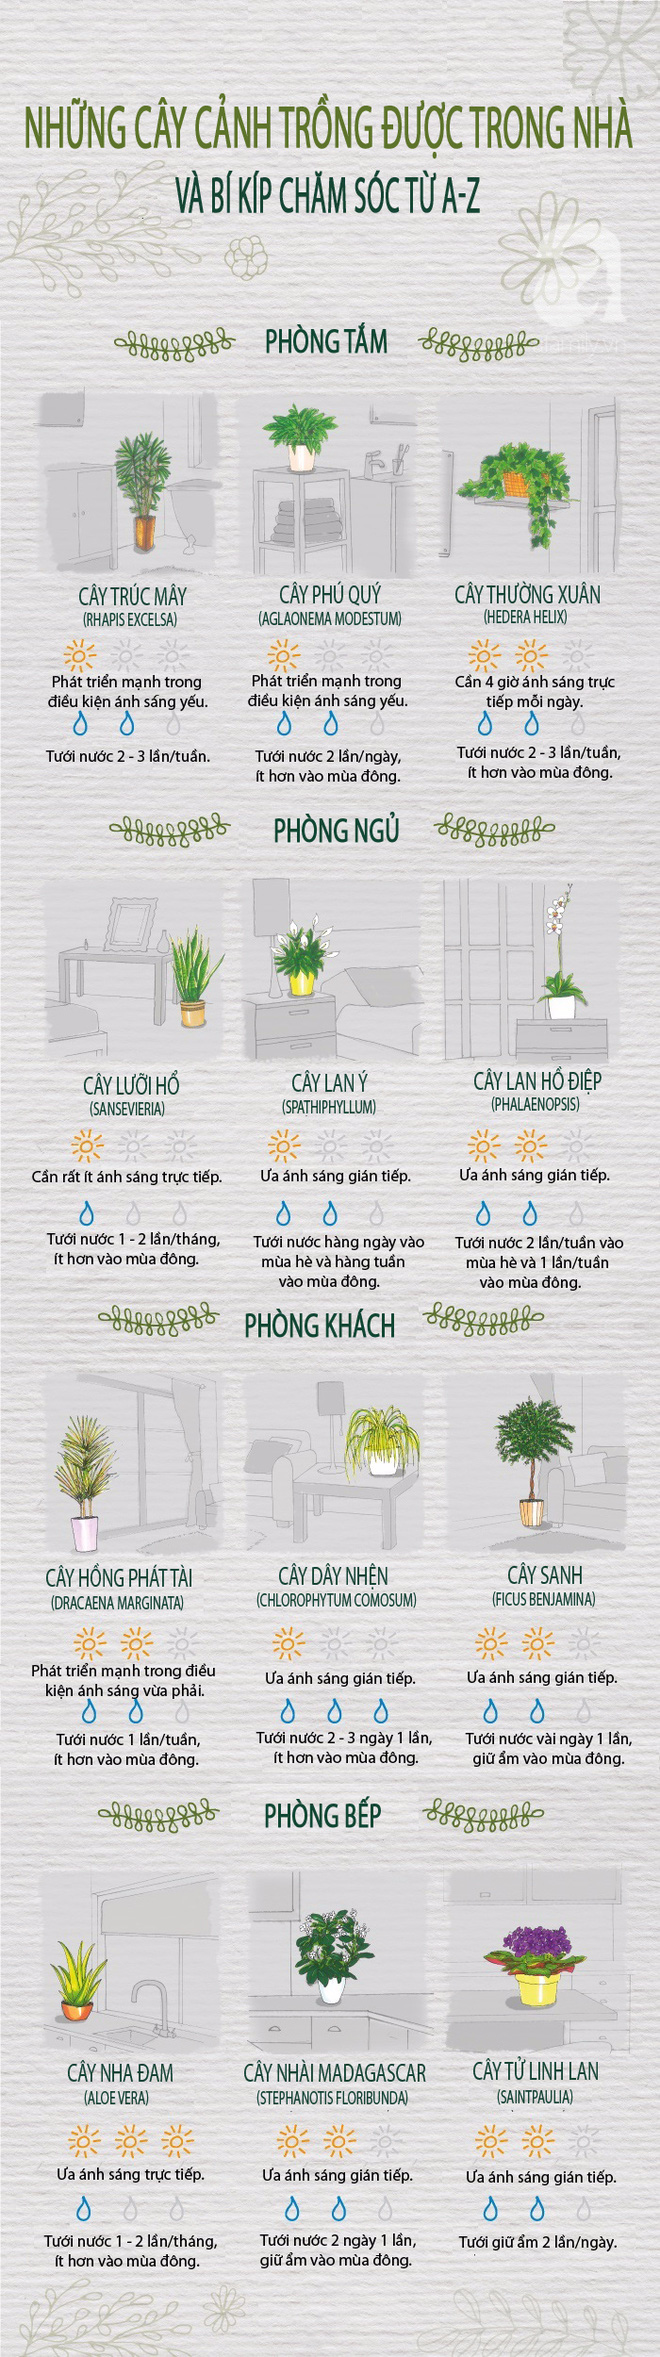 12 loại cây cảnh đặc biệt sống tốt nếu để trong nhà và bí kíp chăm sóc từ A đến Z - Ảnh 1.